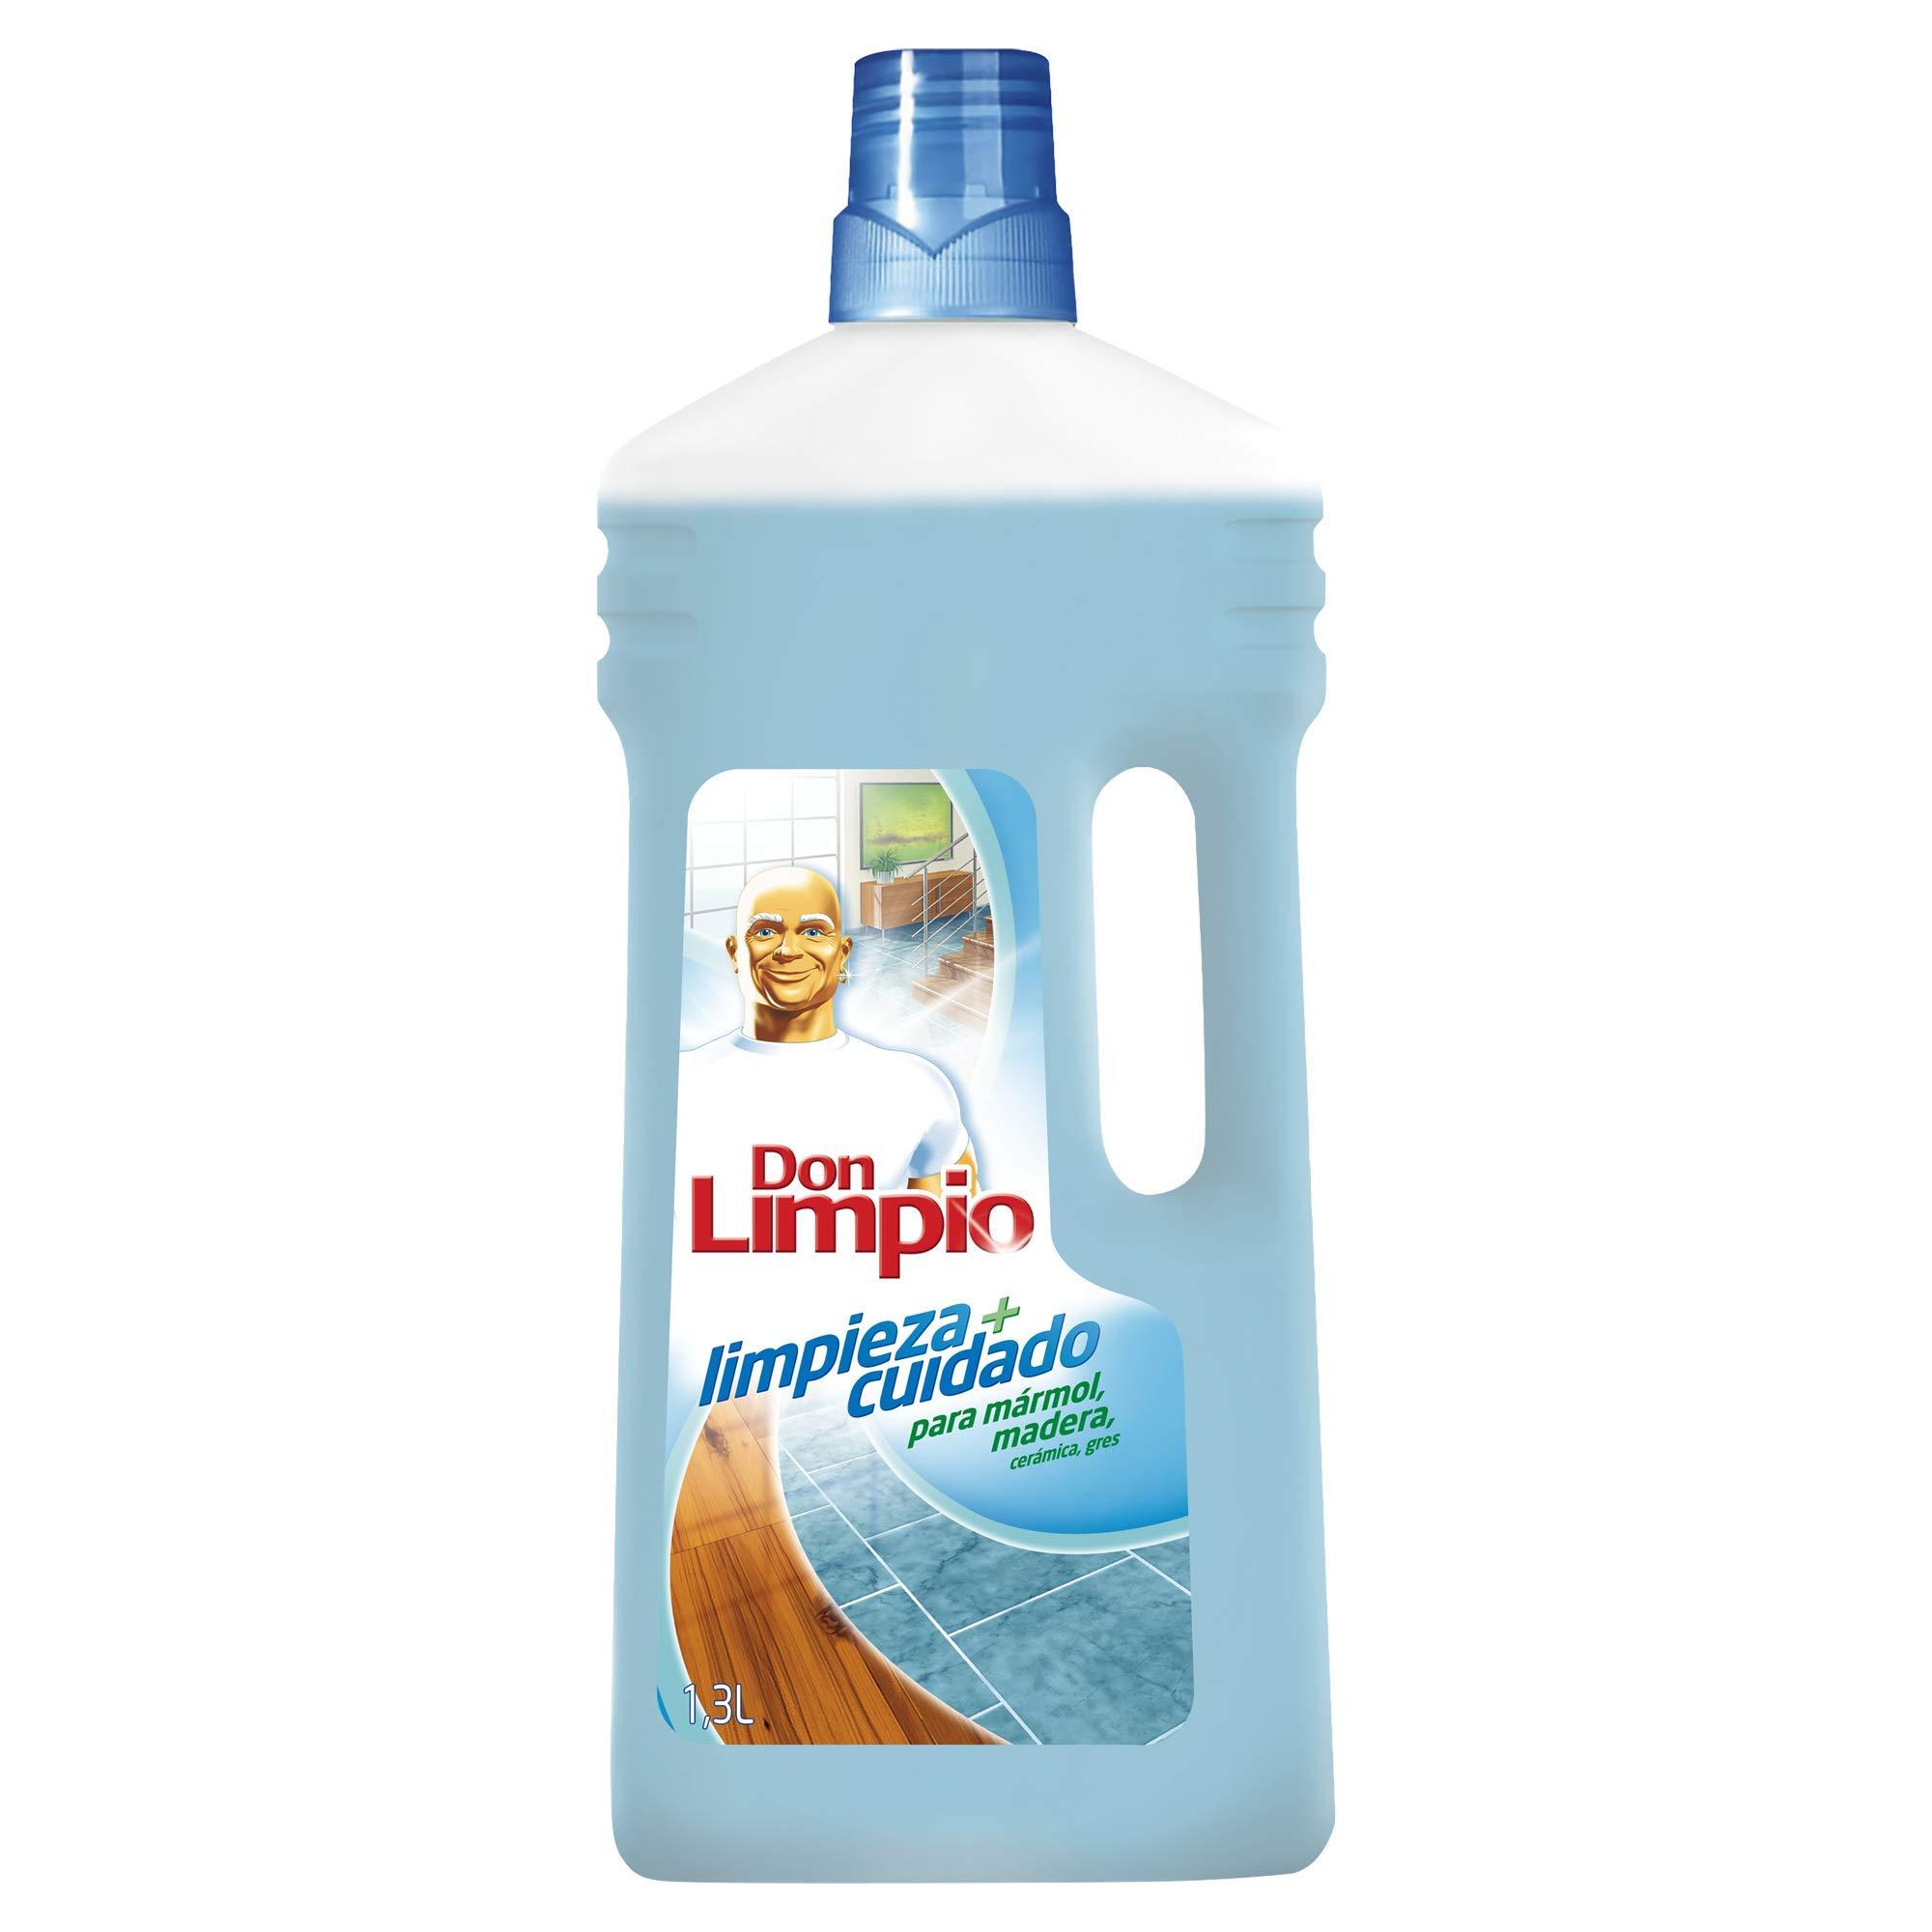 Don Limpio Producto de Limpieza + Cuidado - 1,3 l product image